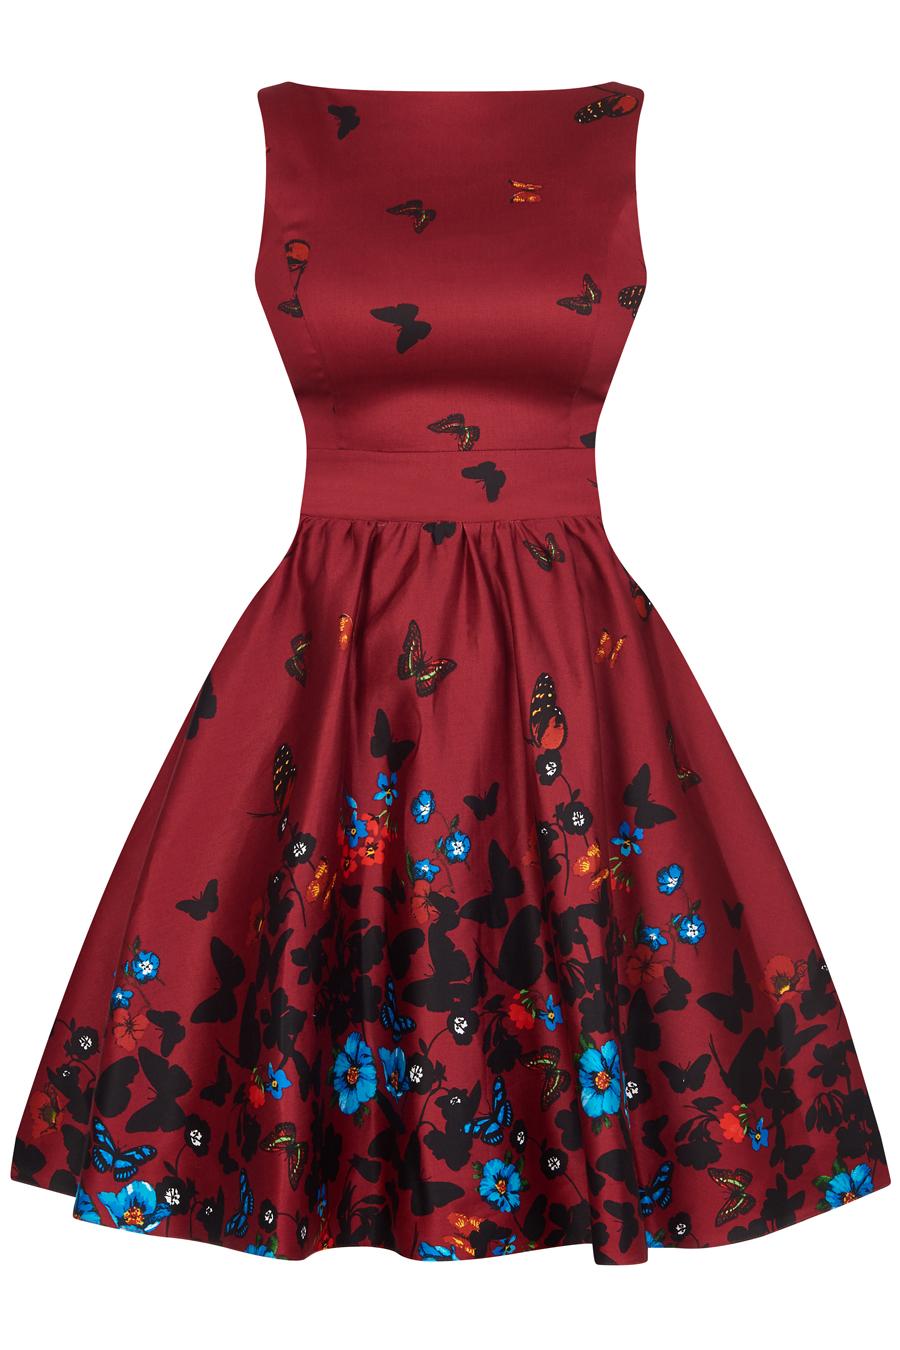 Vínové retro šaty s motýlky Lady V London Tea Lady V London  b319018404